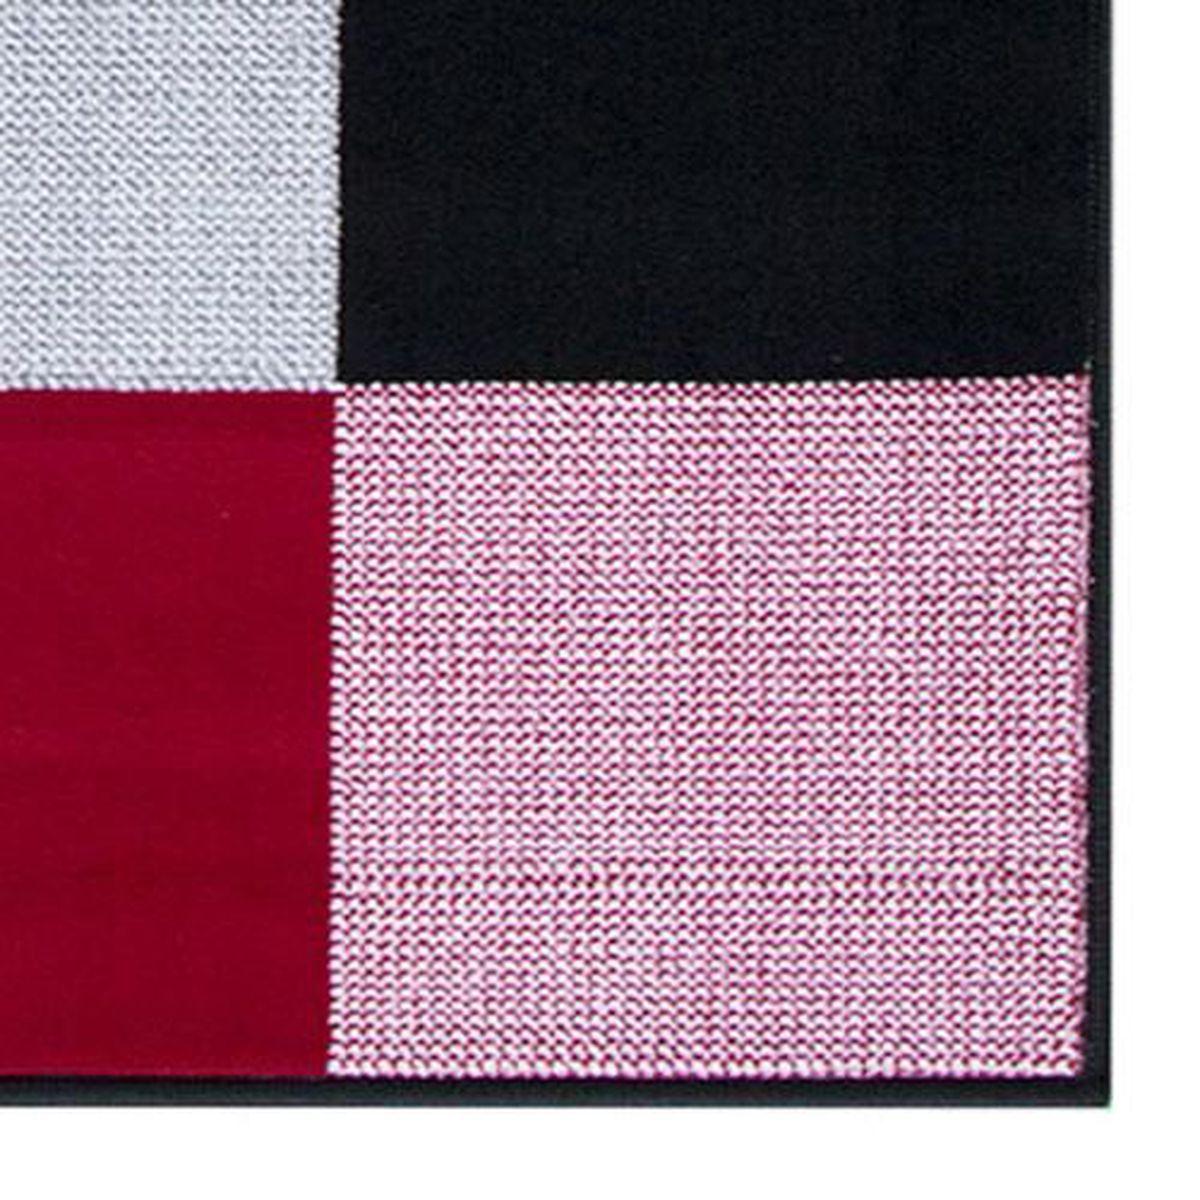 Salon Rouge Blanc Noir tapis salon moderne design carrés noir rouge blanc debonsol - 120x170cm